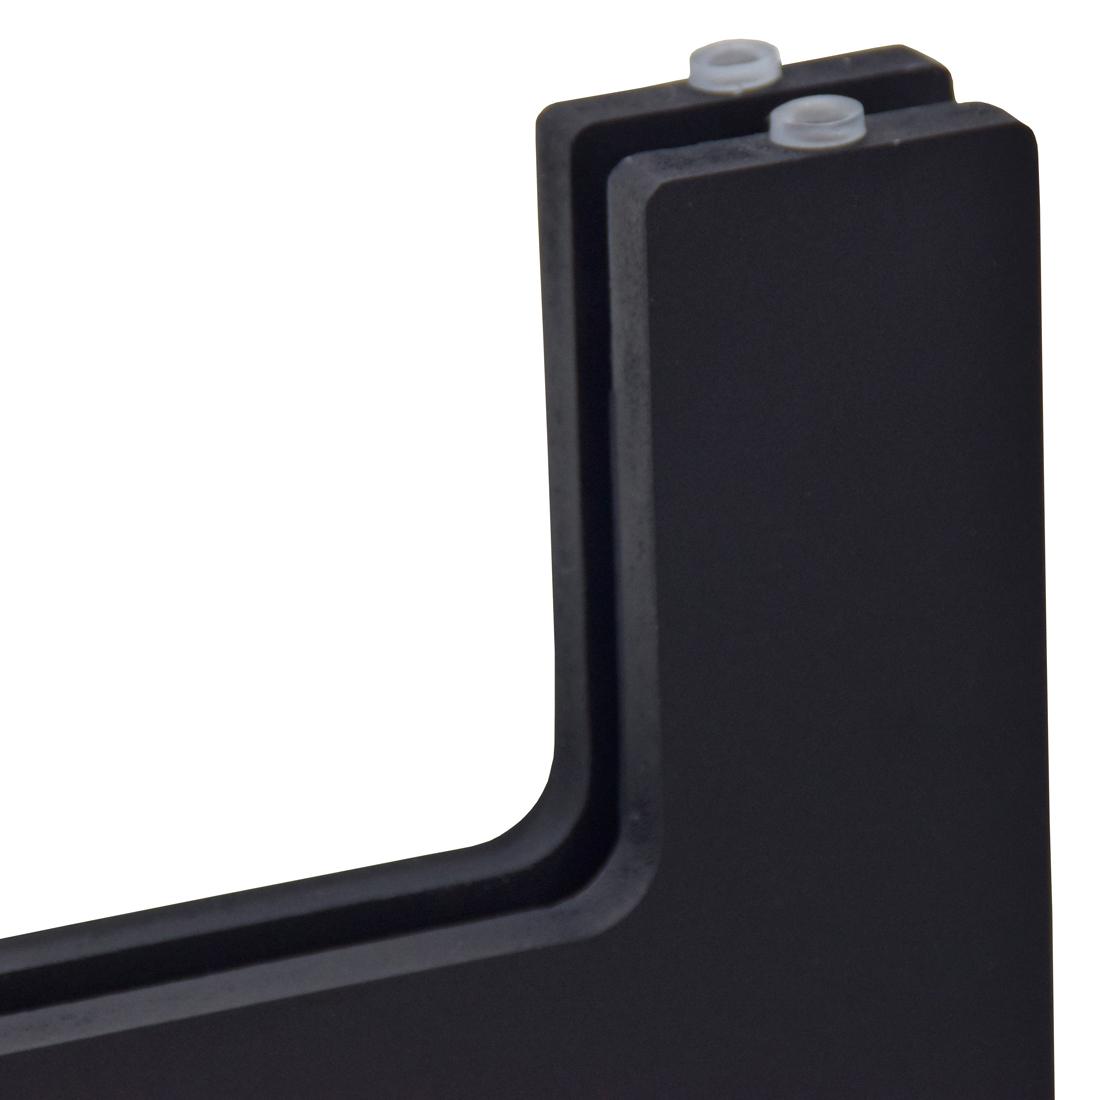 A型看板ブラックボードハンド式78Sマーカーチョーク 黒板看板 メニューボード インテリア  カフェ